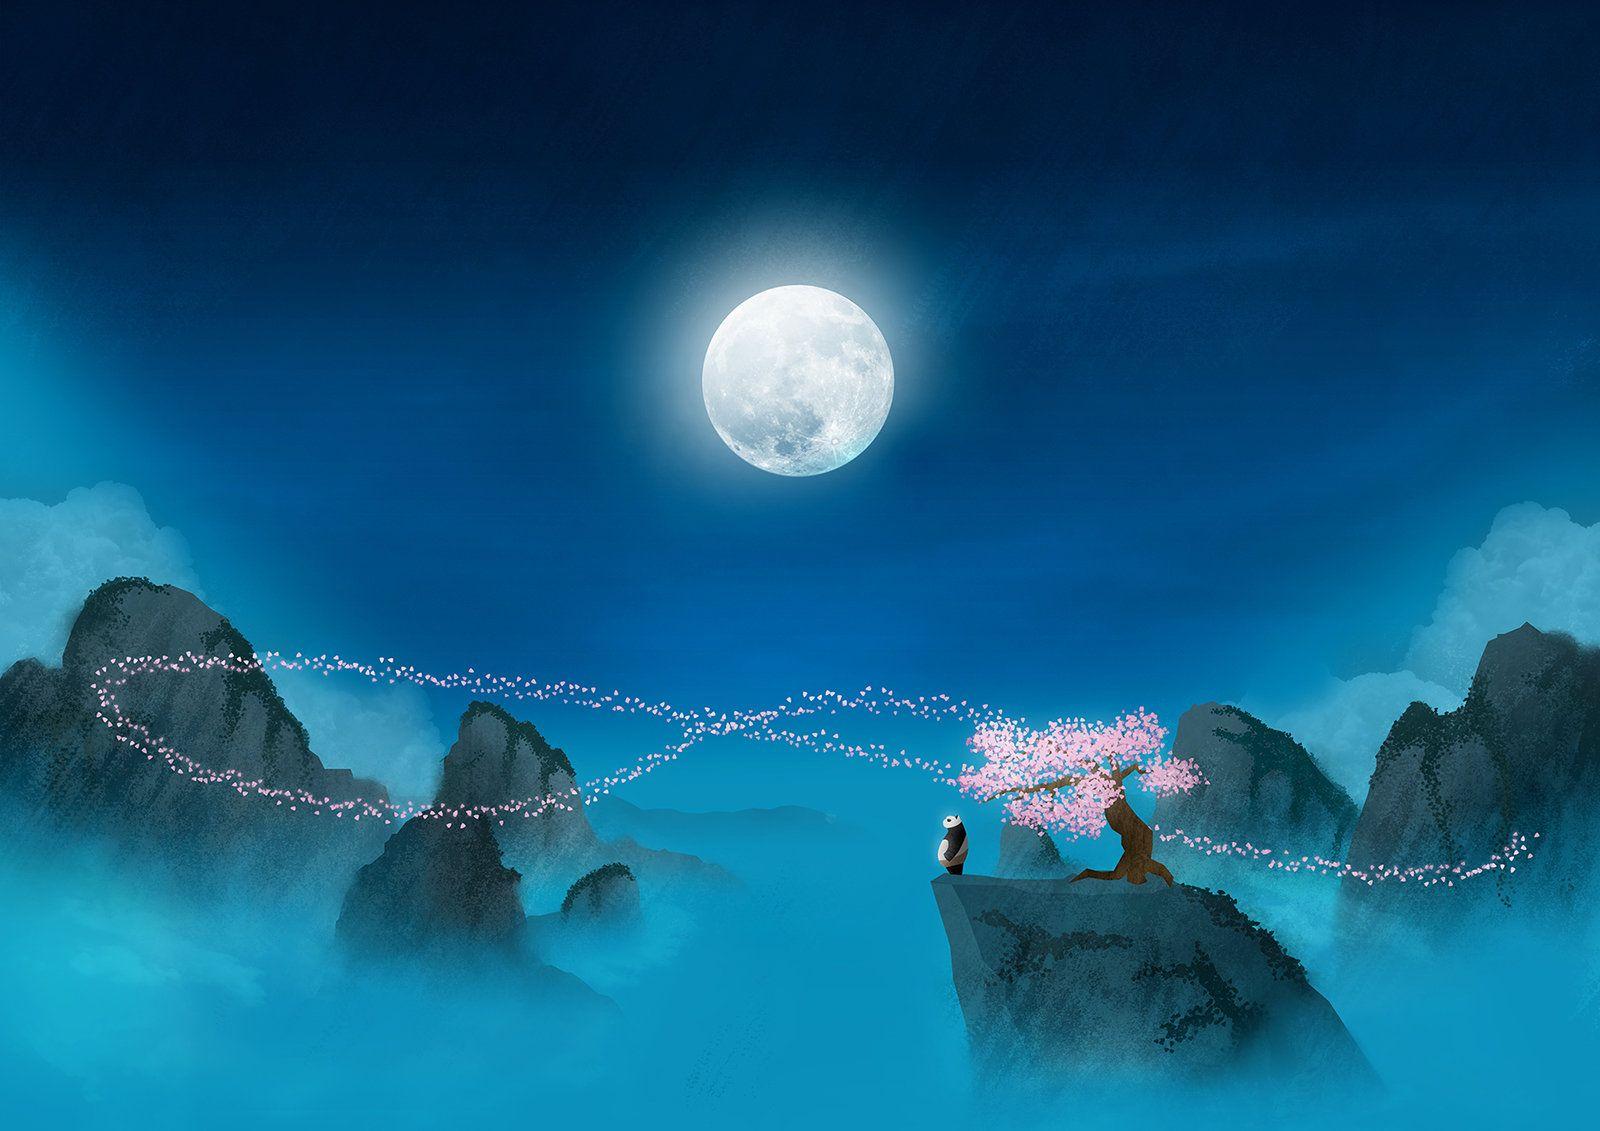 Kung Fu Panda Peach Tree At Night Poster Etsy Kung Fu Panda Kung Fu Panda Tree Hd wallpaper panda meditating on moon